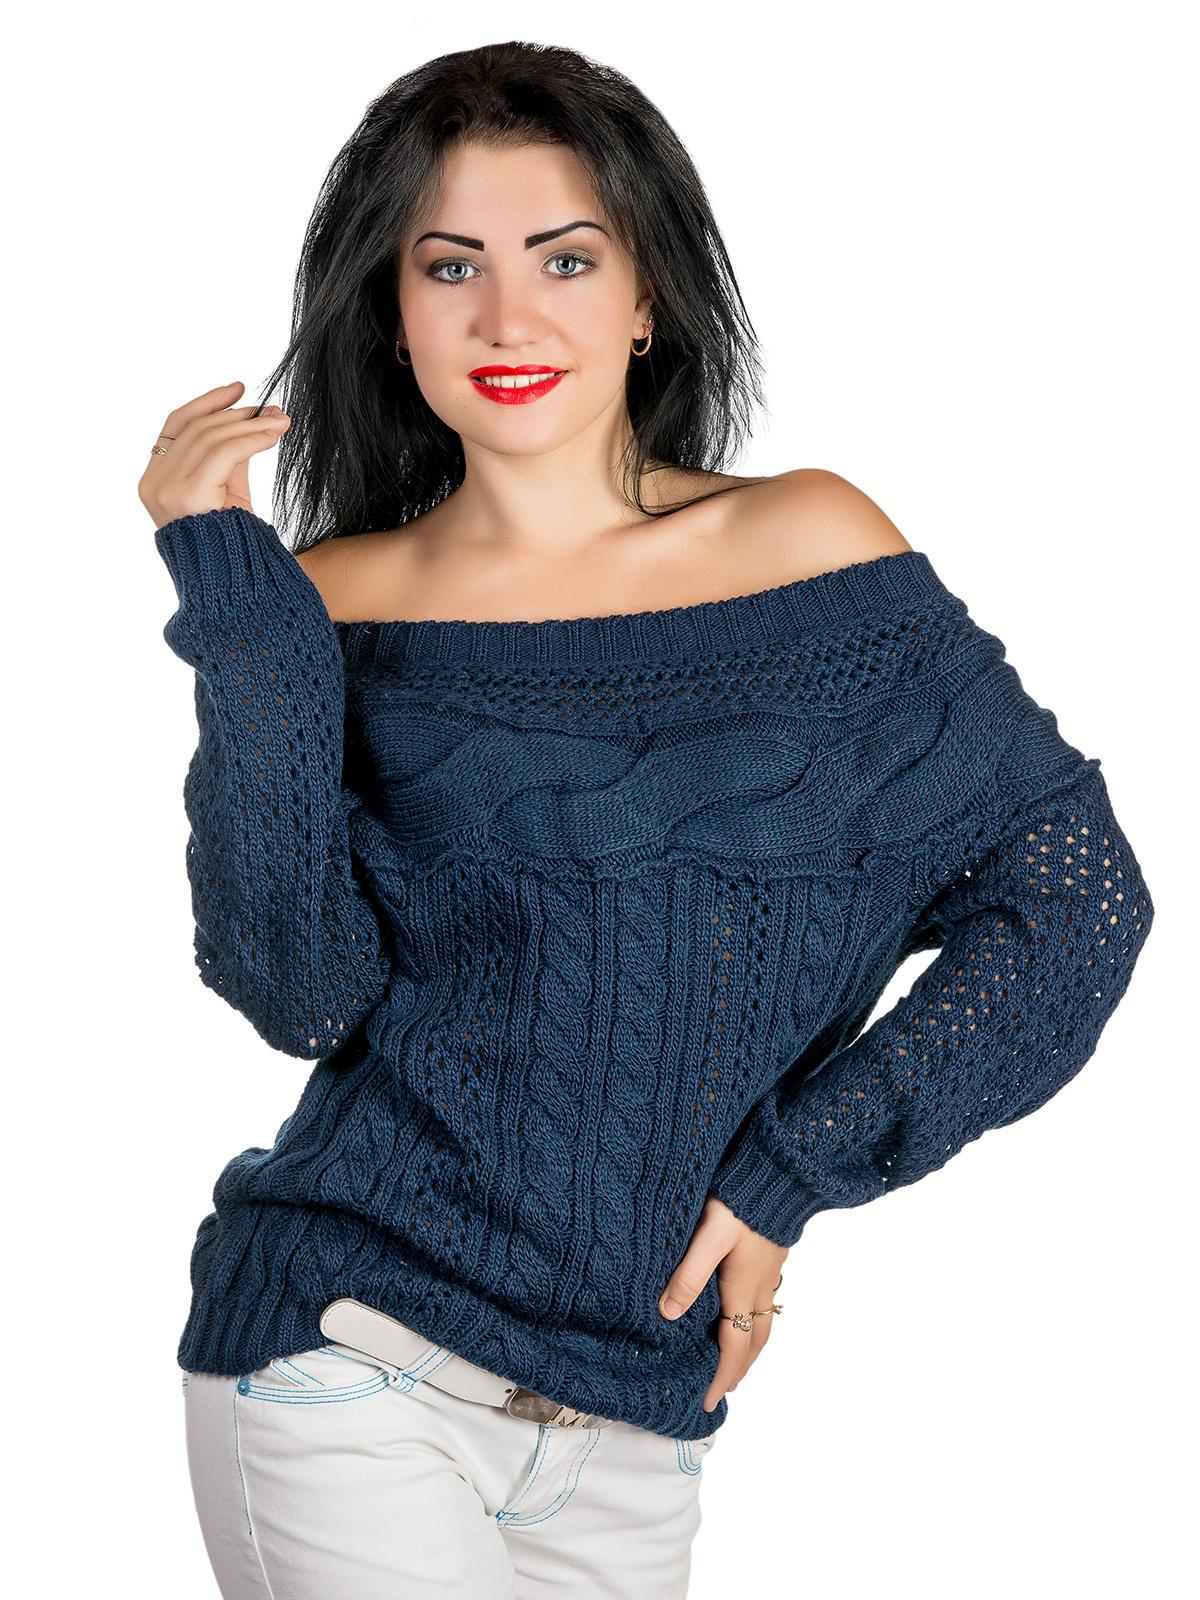 Сбор заказов. Одежда от P@lvir@ (Украина). Туники, свитера, кофты, платья и лосины из натуральной пряжи, которые согреют Вас в зимние морозы. Достойное качество по цене производителя. Октябрь.